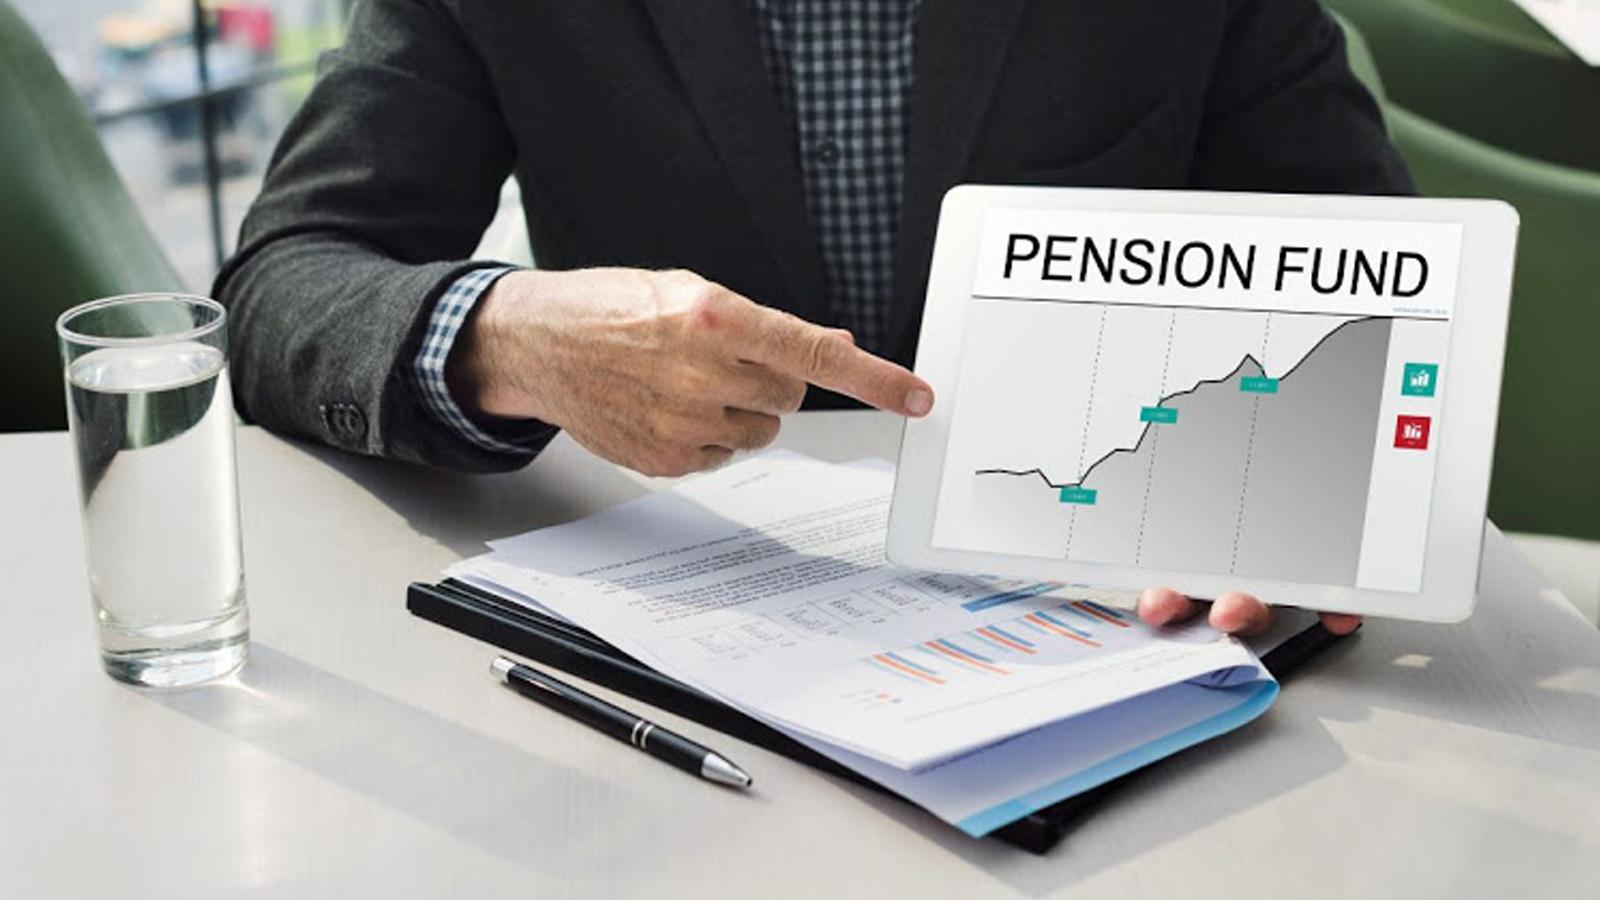 Ενστάσεις από τους ασφαλιστές για τους Πίνακες Συνταξιοδοτικών Συστημάτων της EIOPA